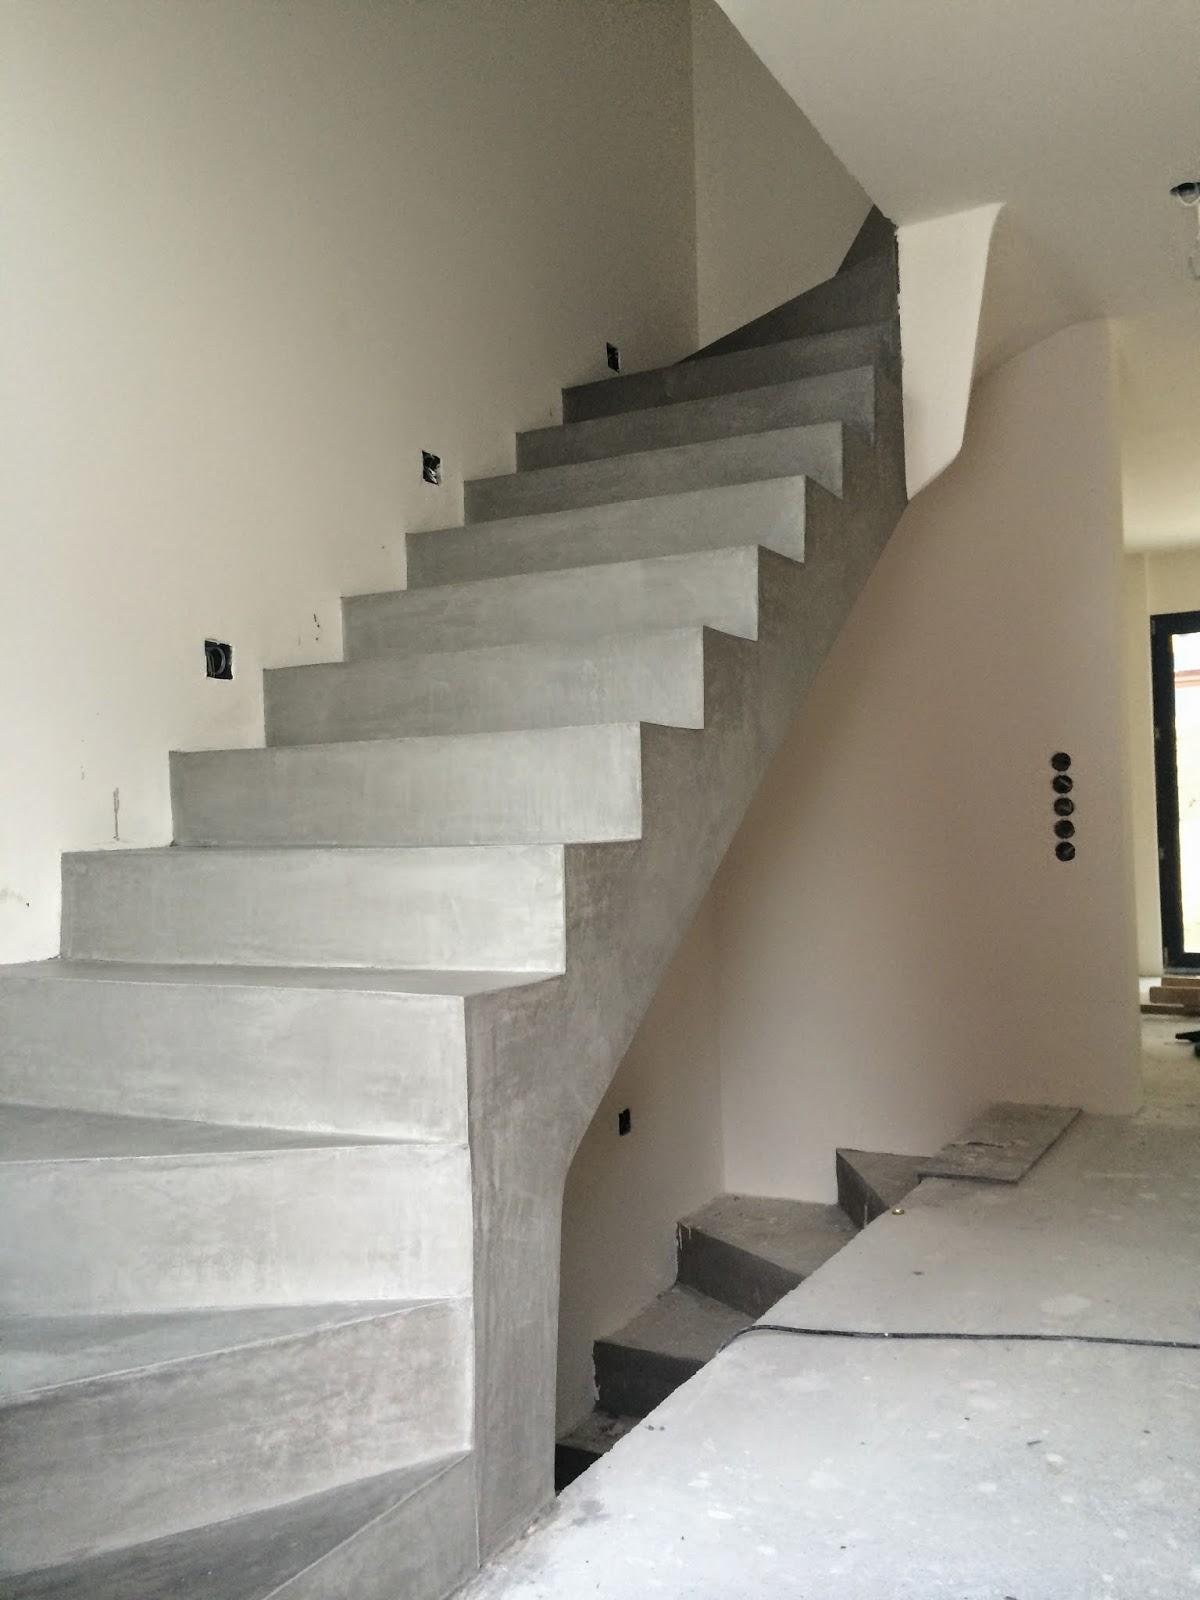 fliesen betonoptik treppe | badewanne fliesen badewanne fliesen